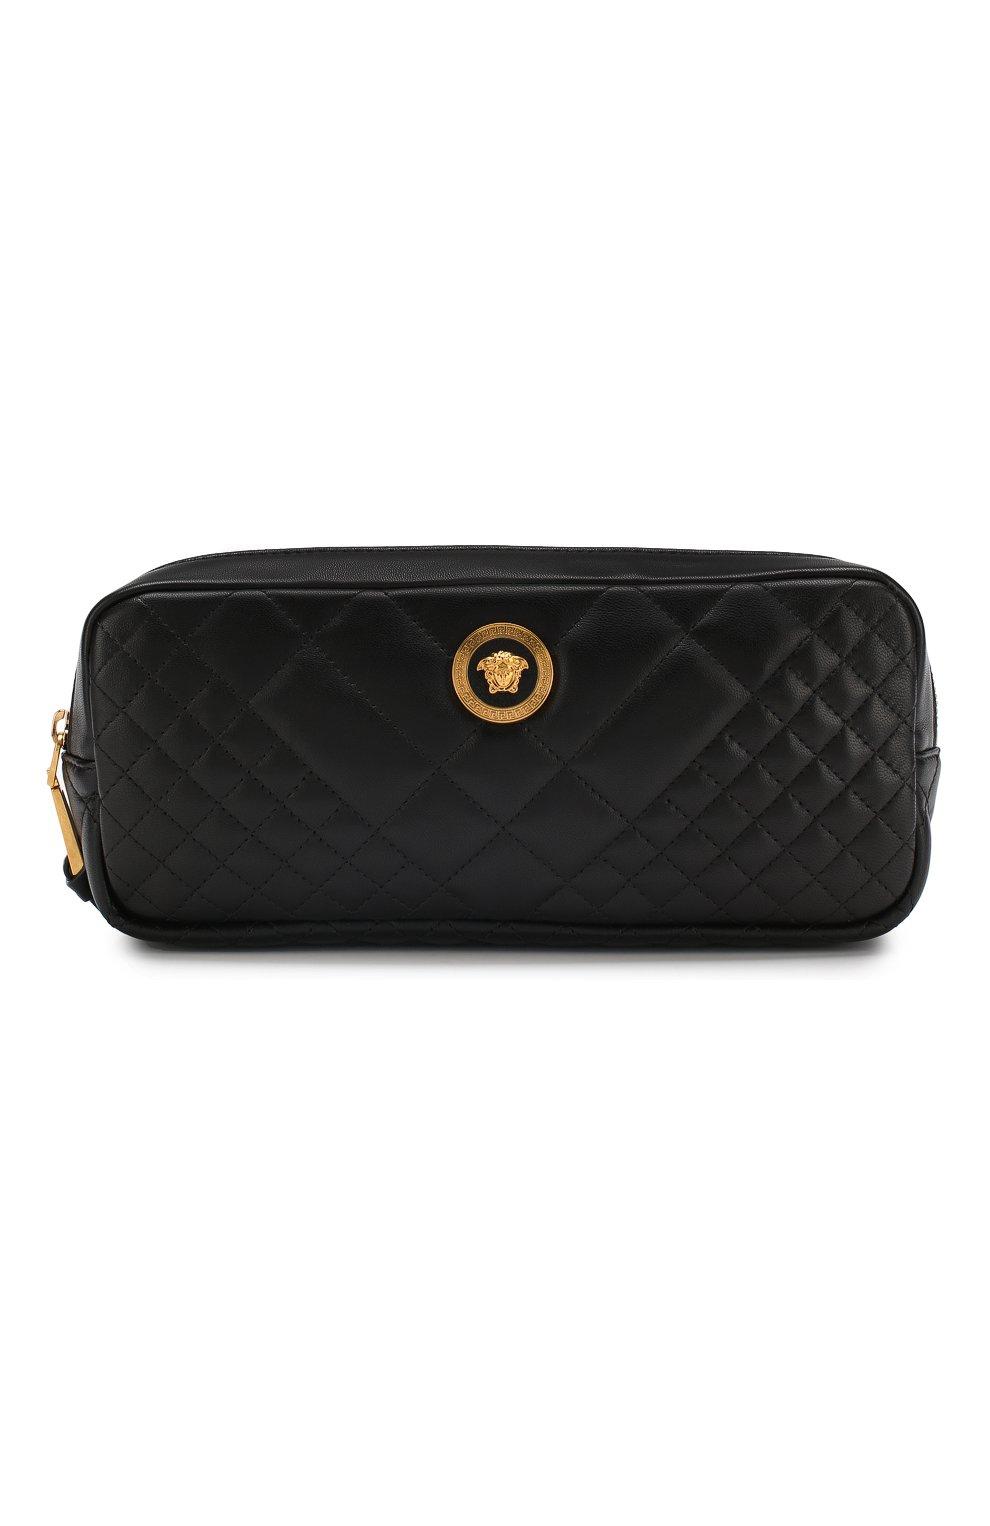 Поясная сумка Medusa Versace черная | Фото №1